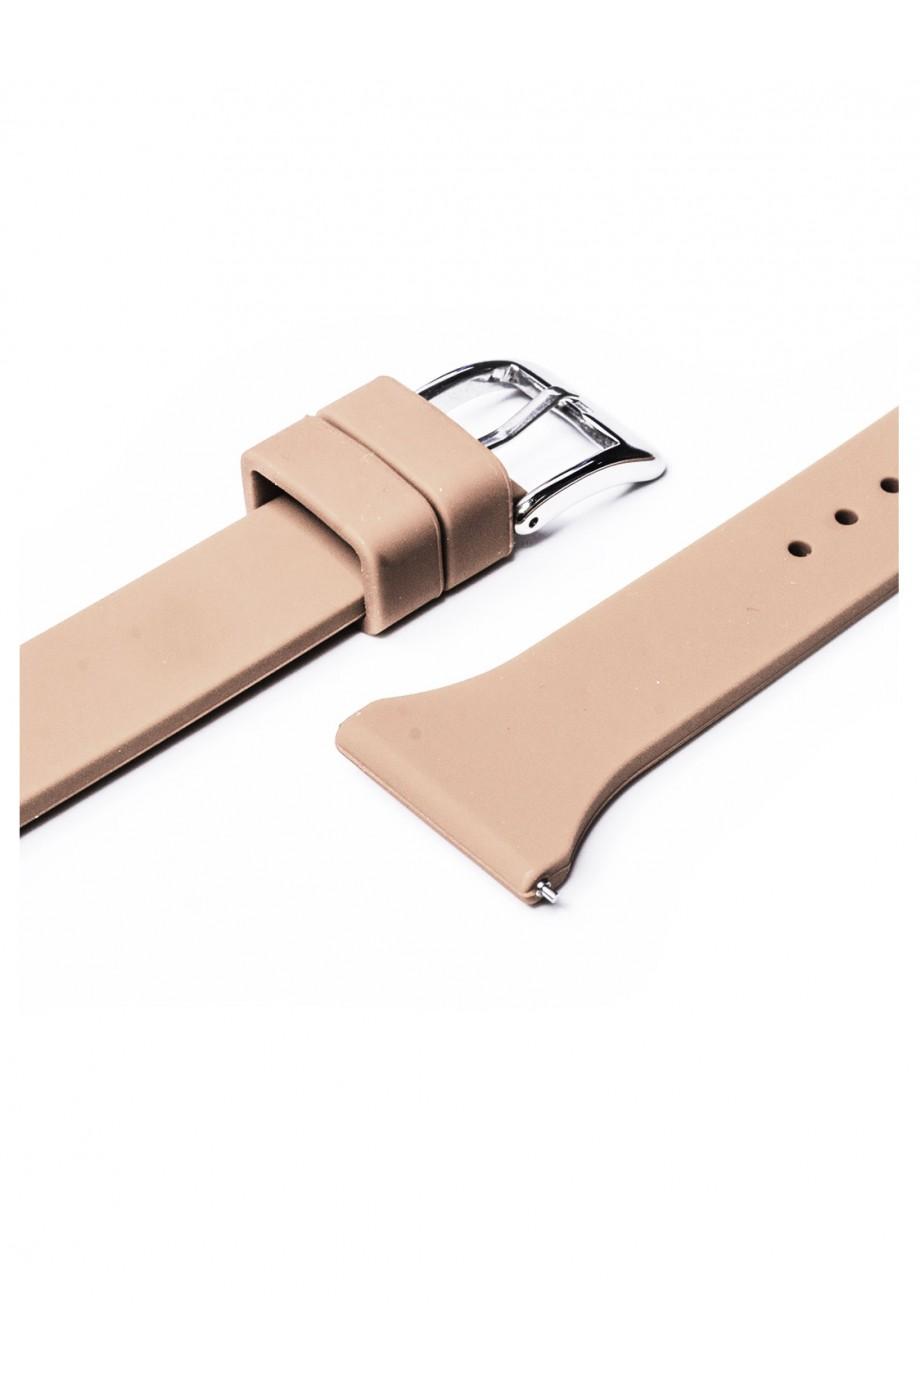 Силиконовый ремешок для Amazfit Stratos 2S, 22 мм, застежка пряжка, бежевый, mkx057